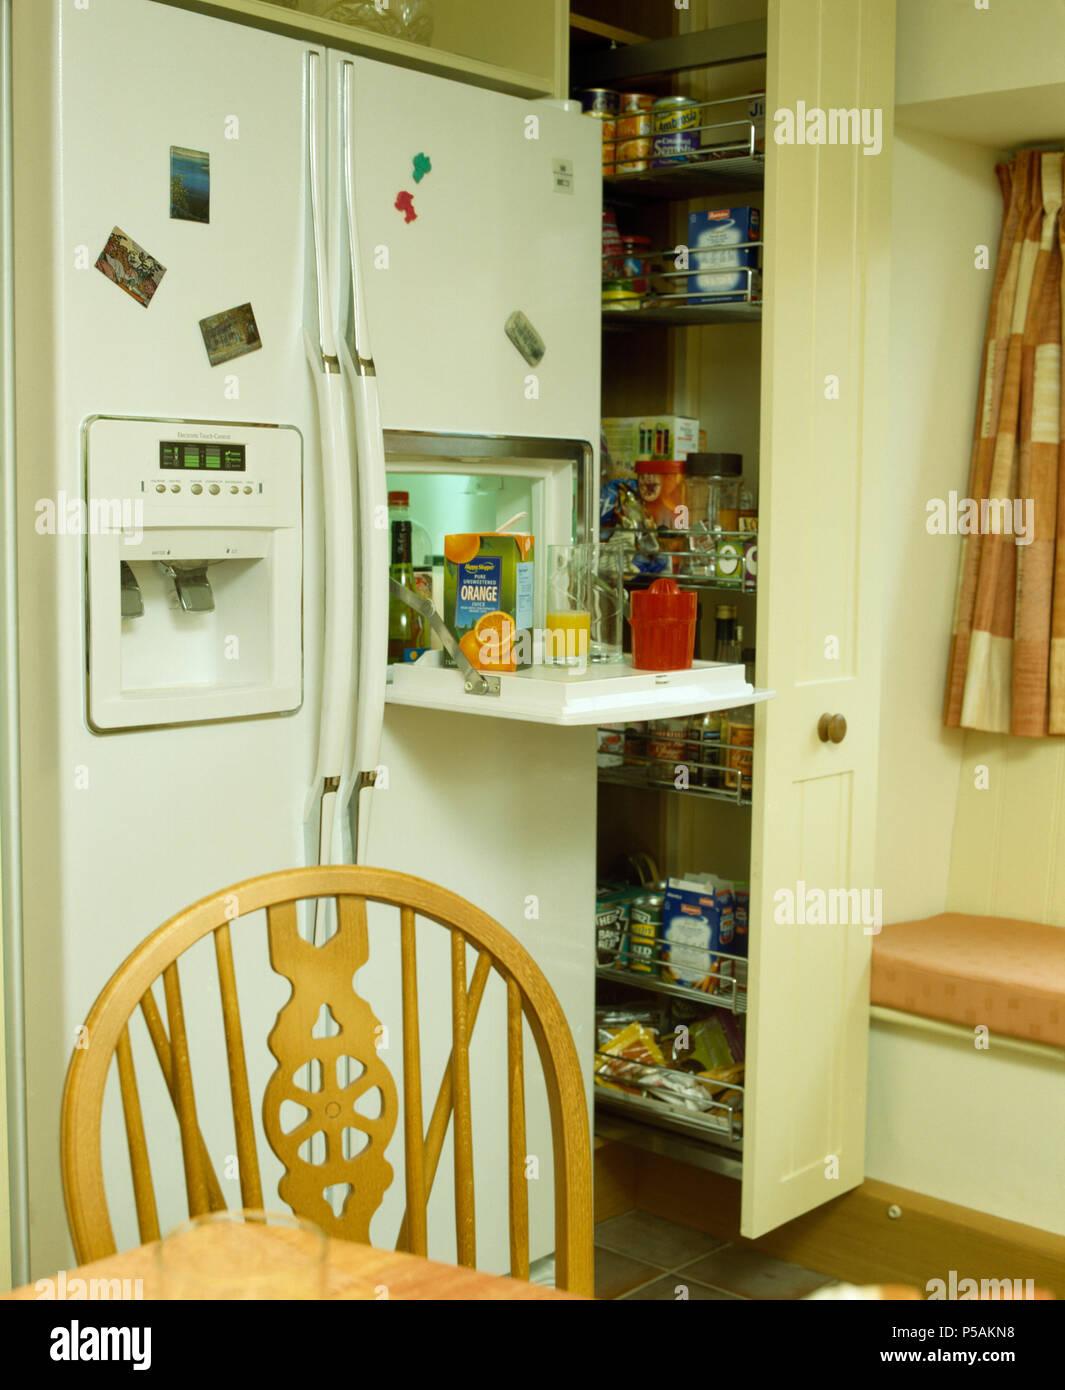 Cucina in stile americano frigorifero e pull-out armadio dispensa ...